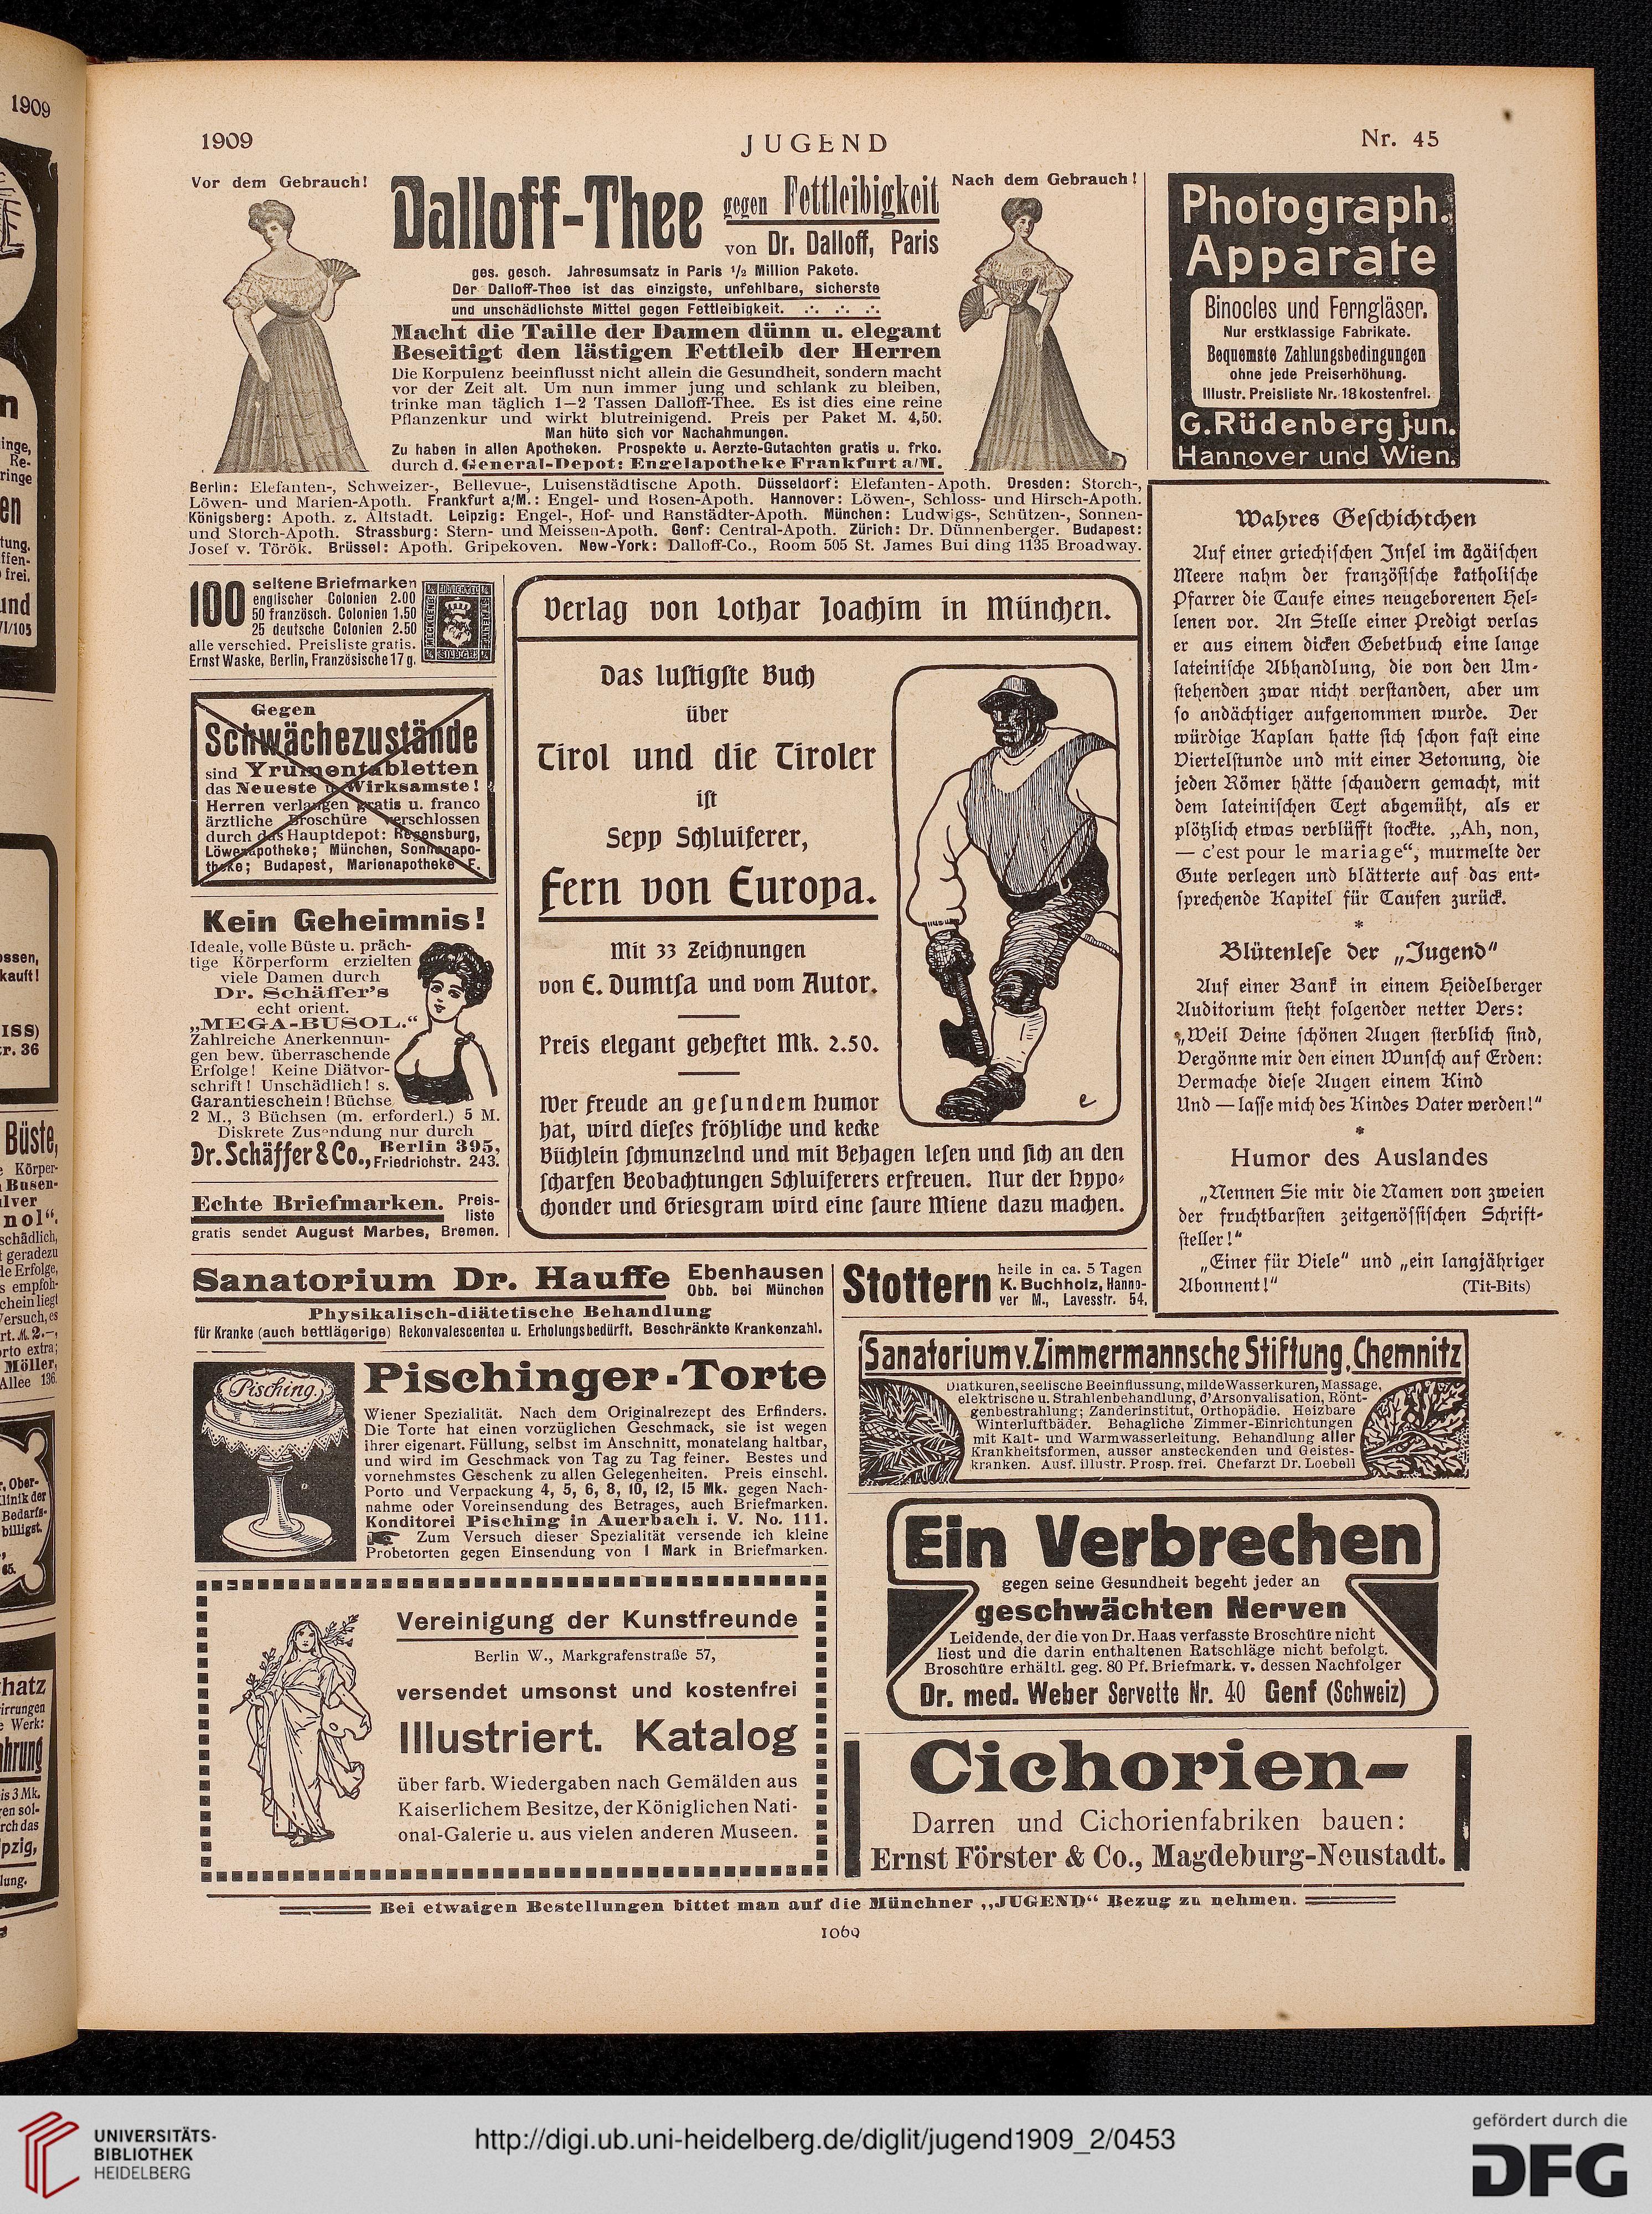 Jugend: Münchner illustrierte Wochenschrift für Kunst und Leben